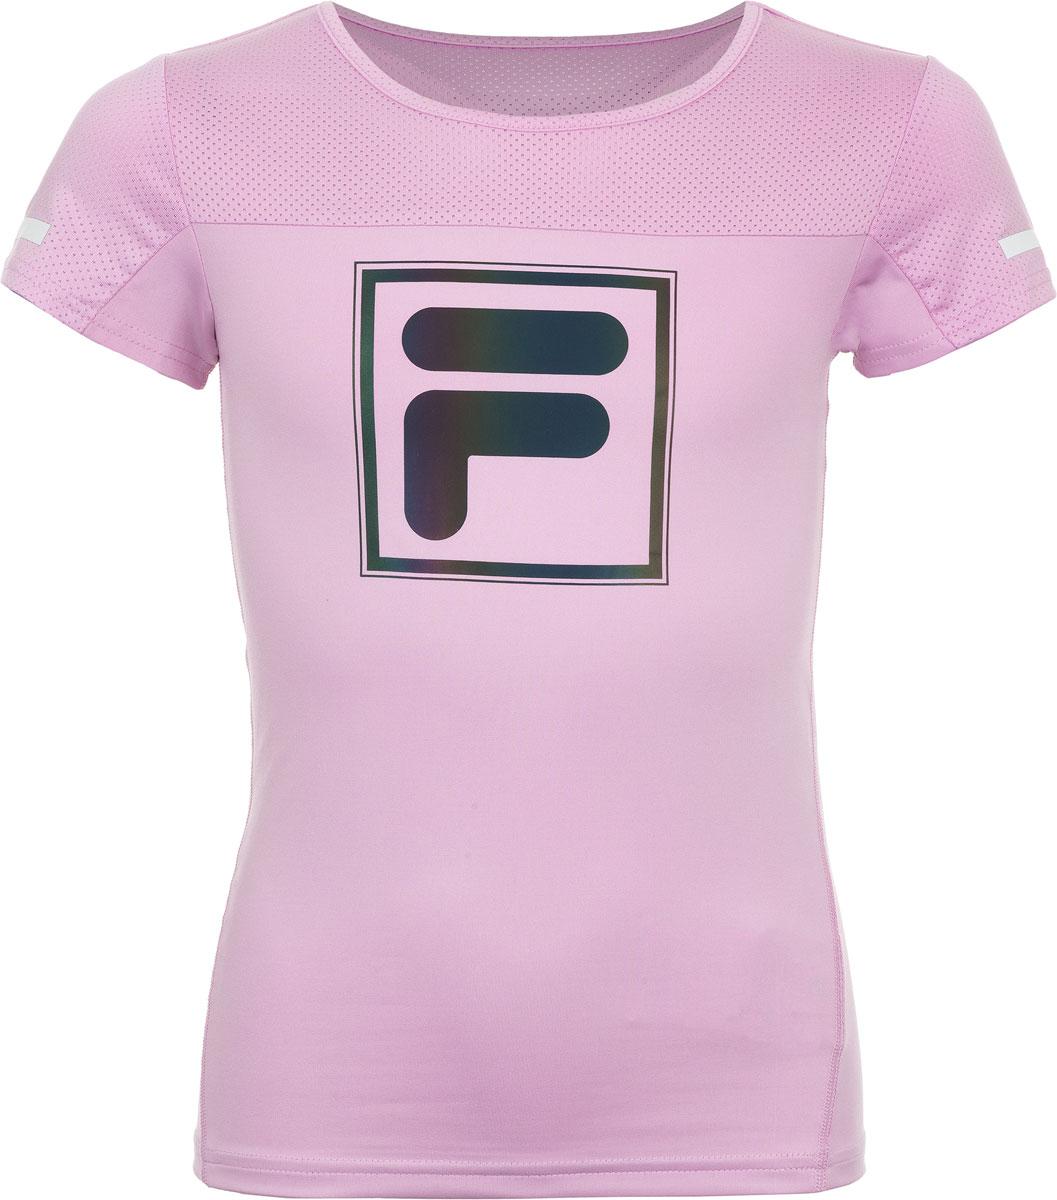 Футболка для девочки Fila, цвет: розовый. A19AFLTSG03-80. Размер 164 футболка для девочки fila цвет белый a19afltsg02 00 размер 164